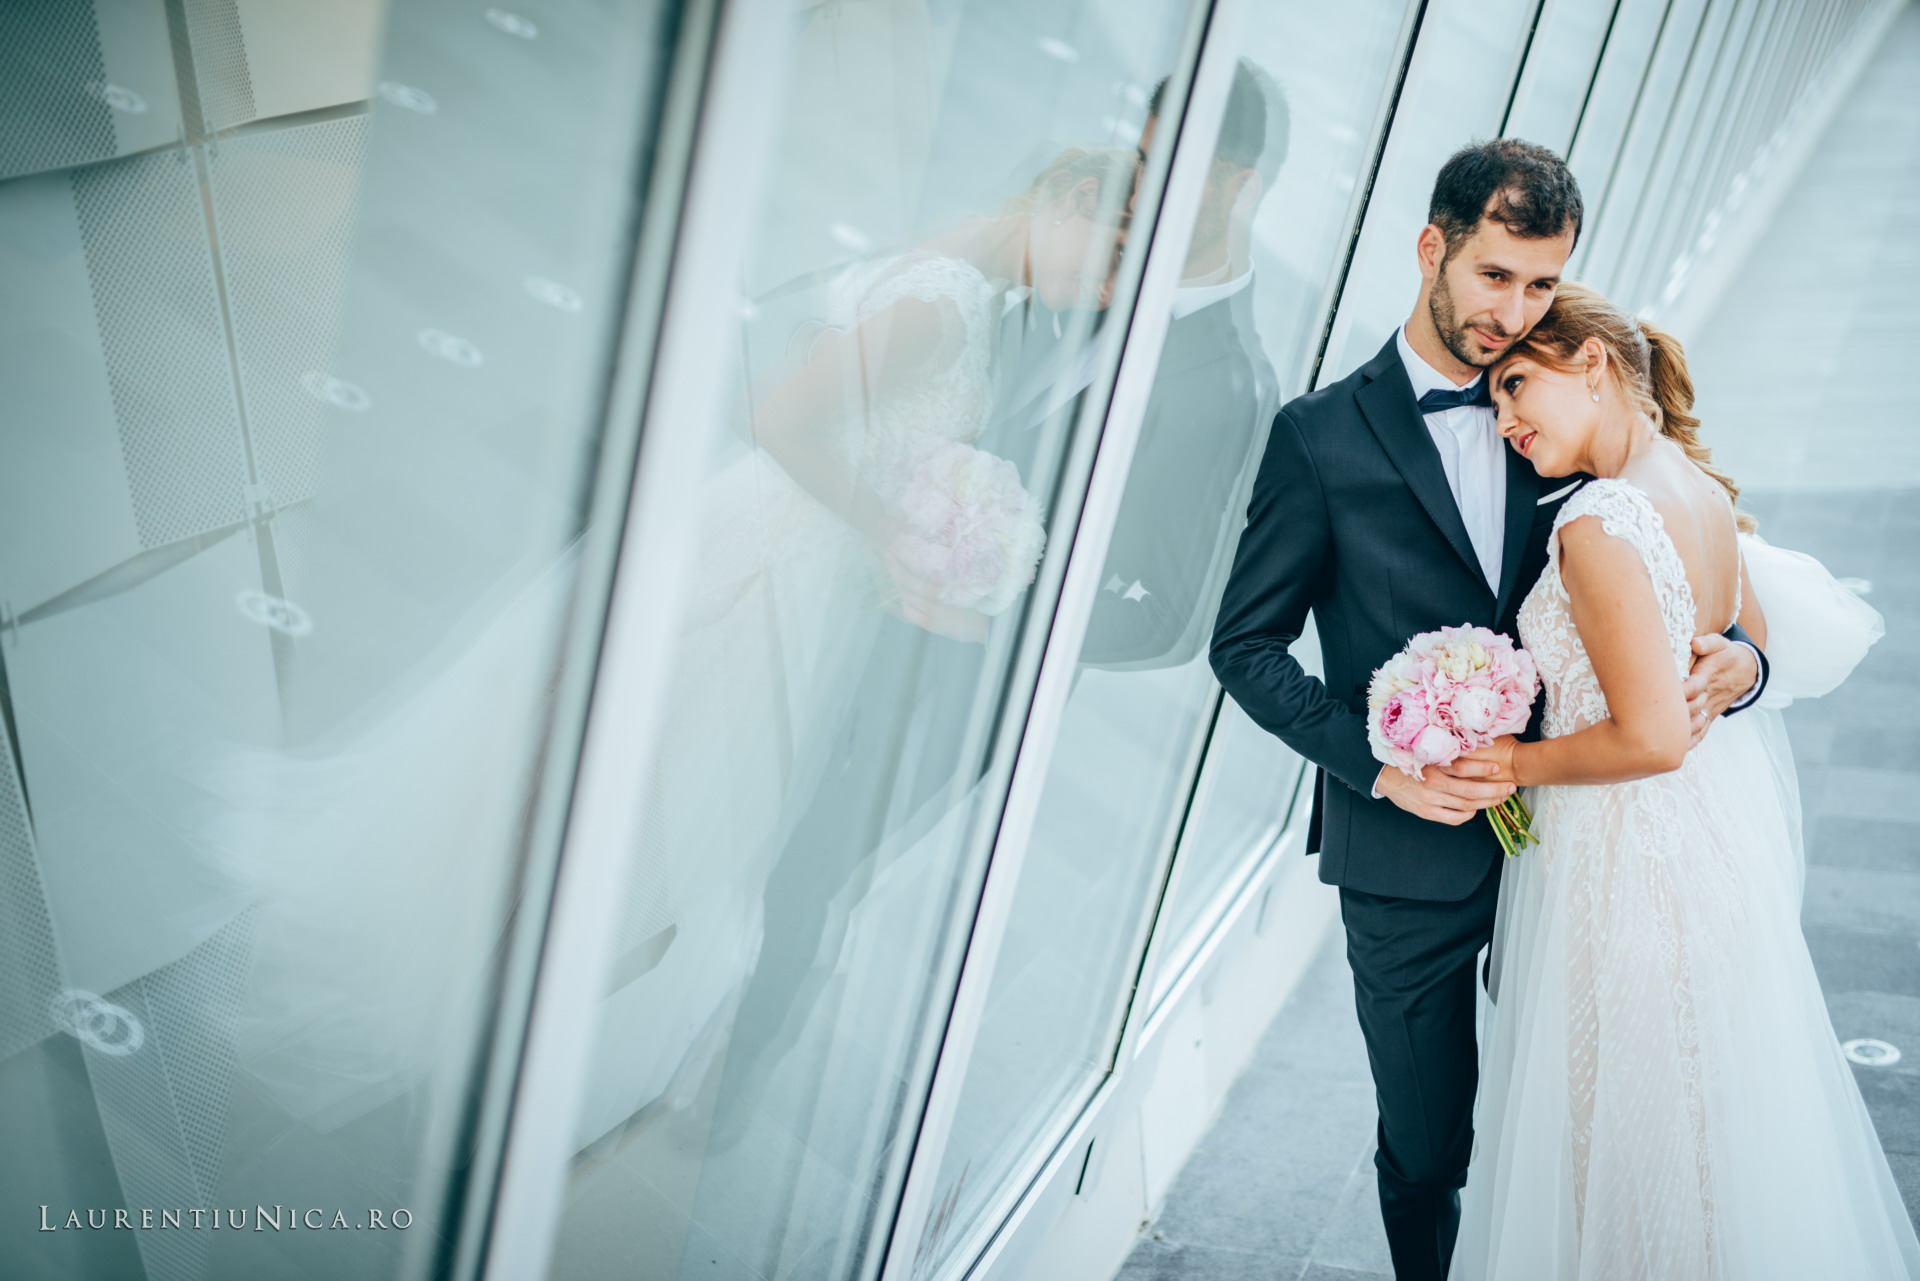 carolina si sorin craiova fotograf nunta laurentiu nica40 - Carolina & Sorin | Fotografii nunta